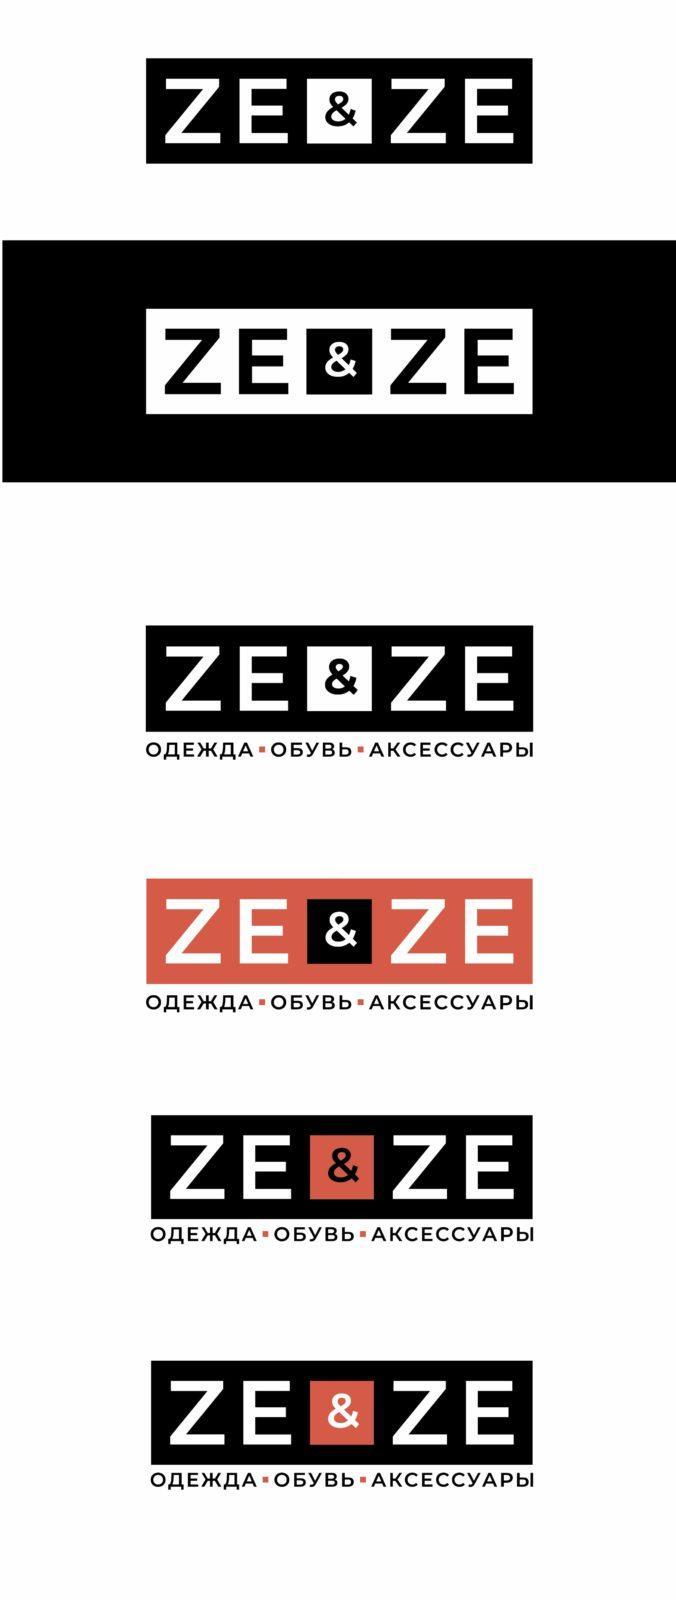 Логотип для магазина одежды вариант 3